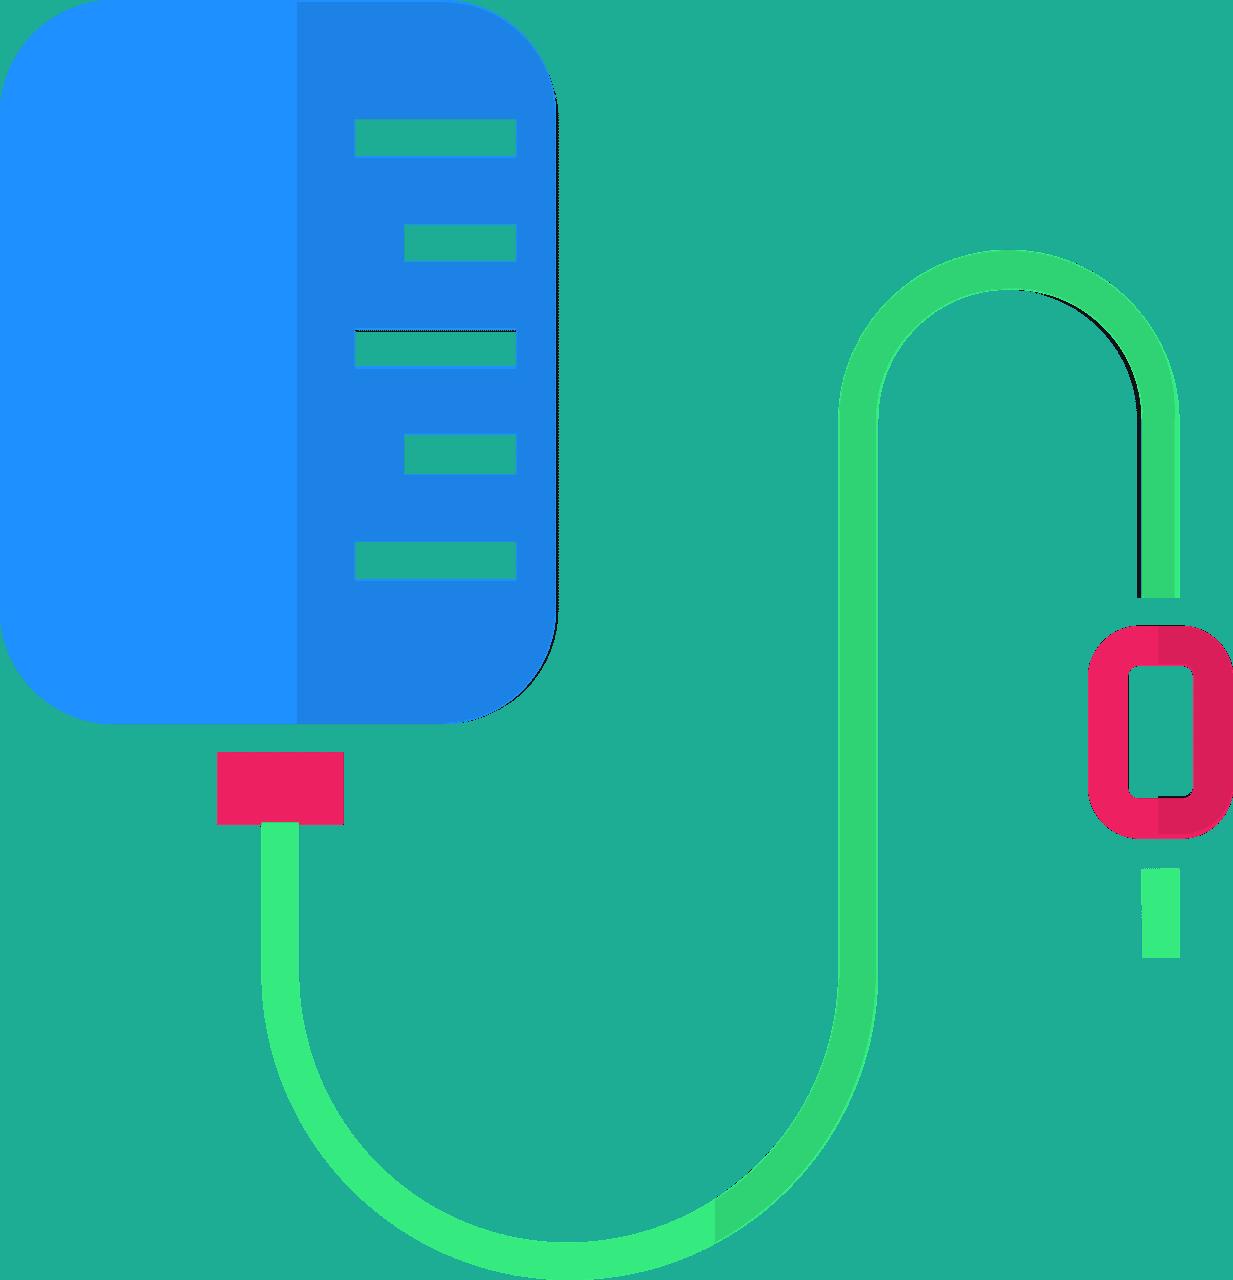 ציור של שקית אינפוזיה עם צינור